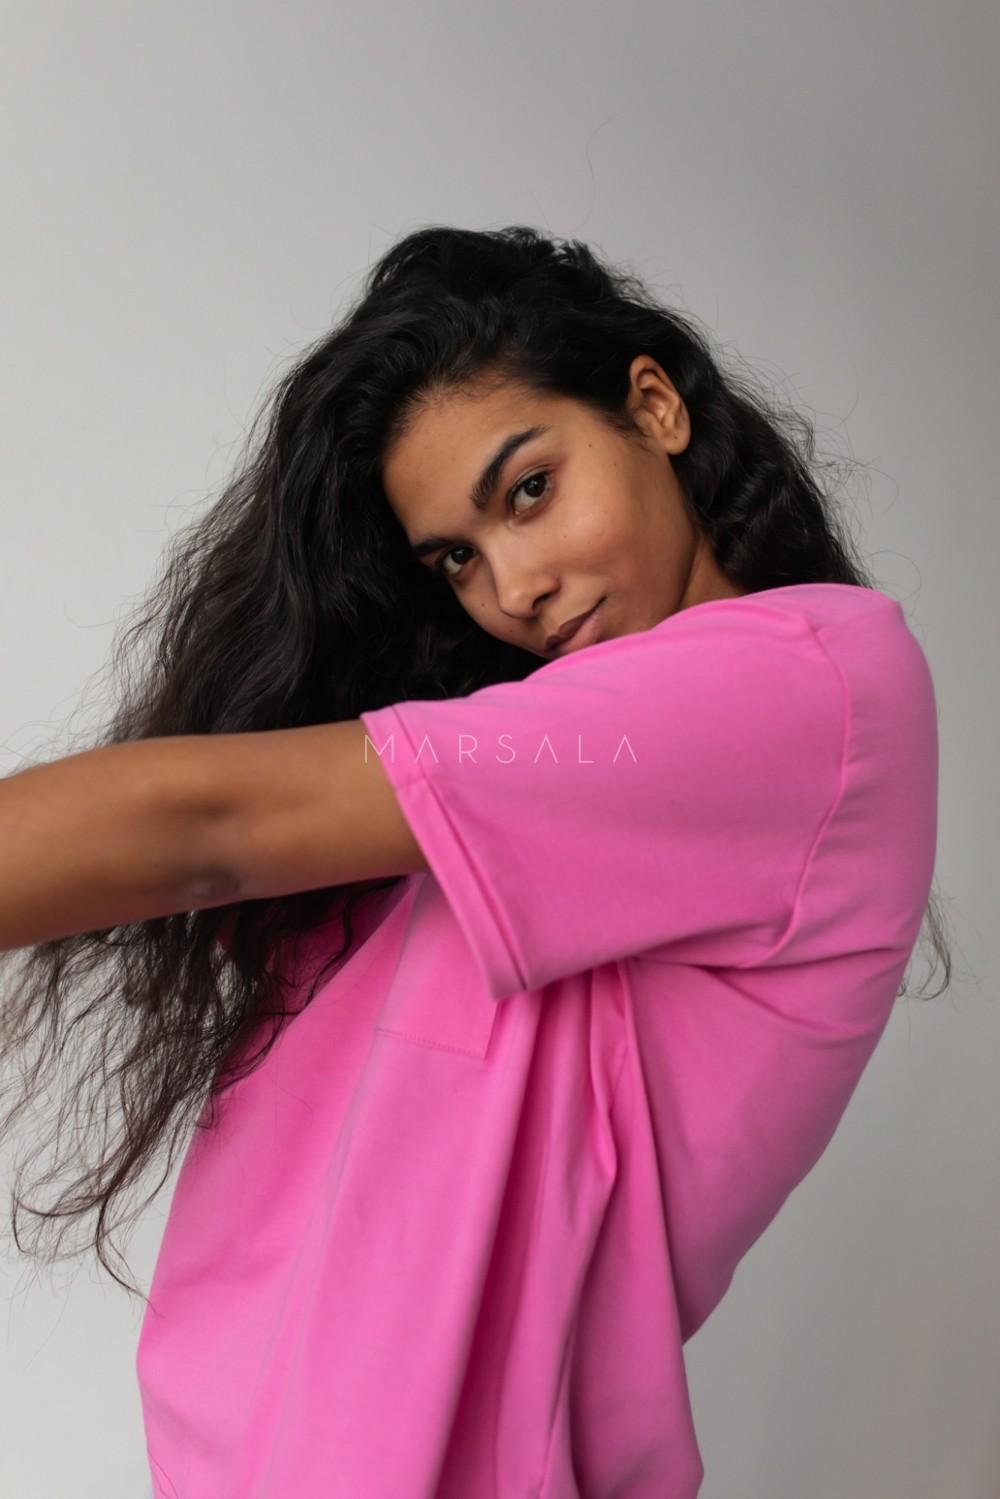 T-shirt damski w kolorze intensywnego różu z kieszonką SPLIT NEON PINK BY MARSALA